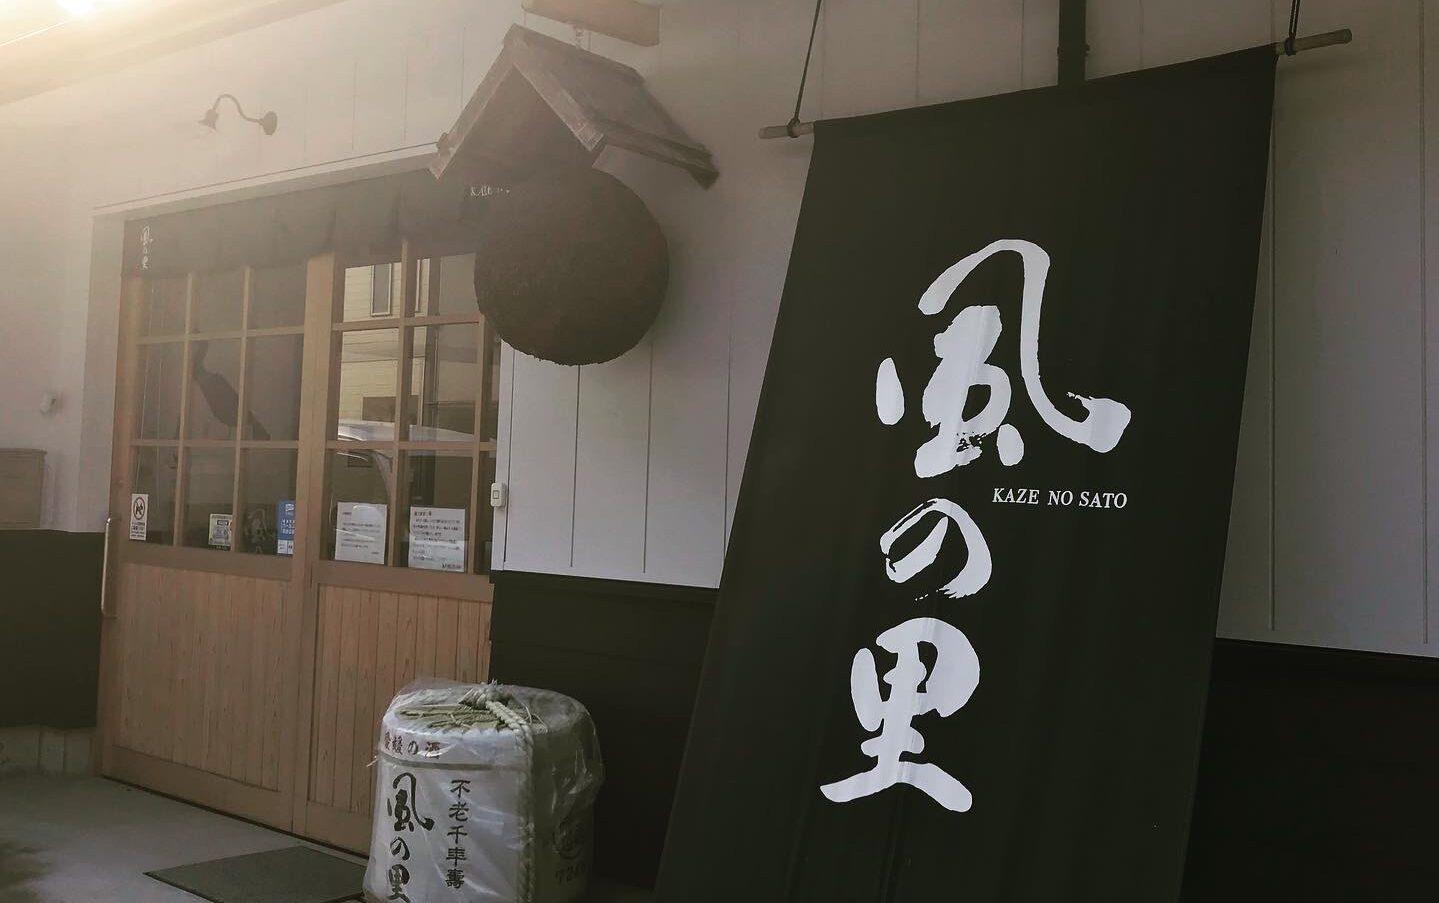 清流肱川の銘酒を求めて!大洲市肱川町にある「養老酒造」で「風の里」を購入してみました!